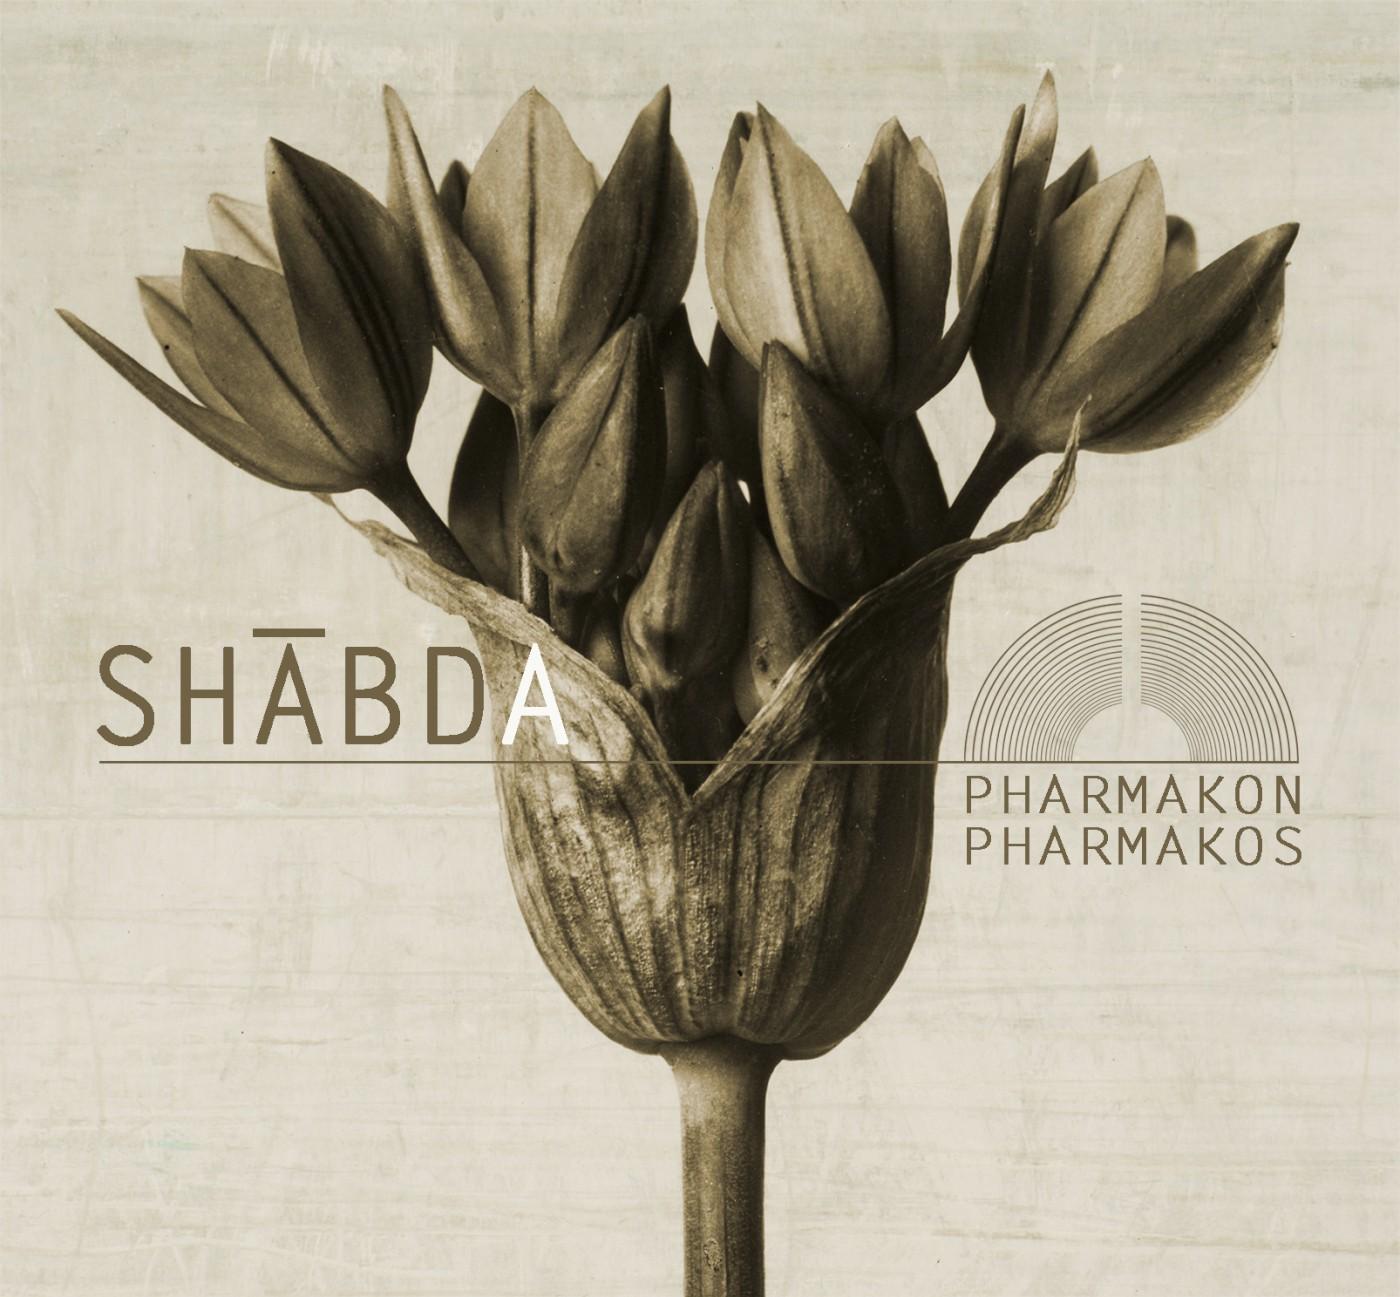 shabda pharmakon pharmakos